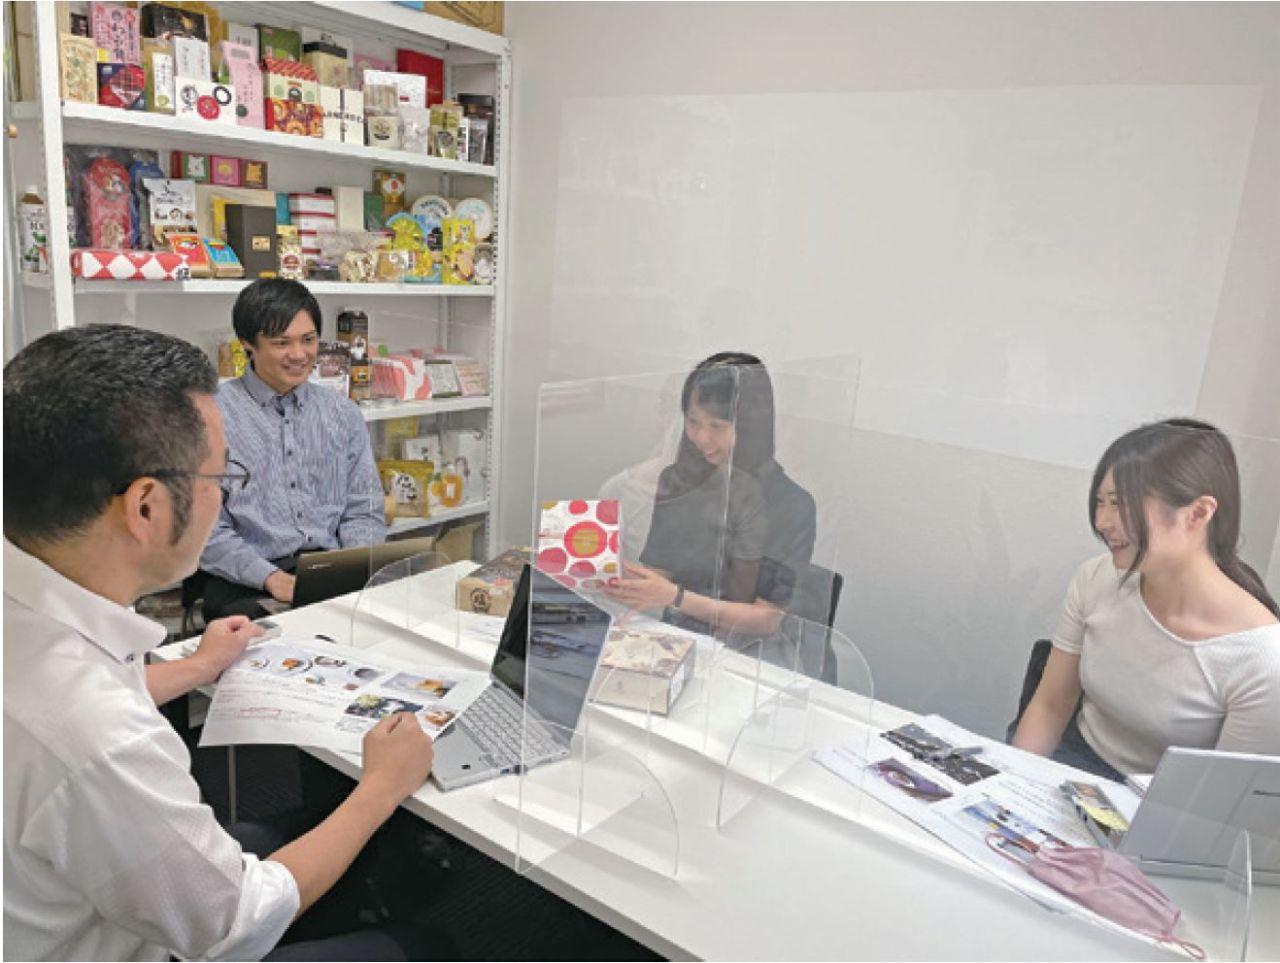 トップ食品の従業員が収集した商品を吟味するミーティング風景